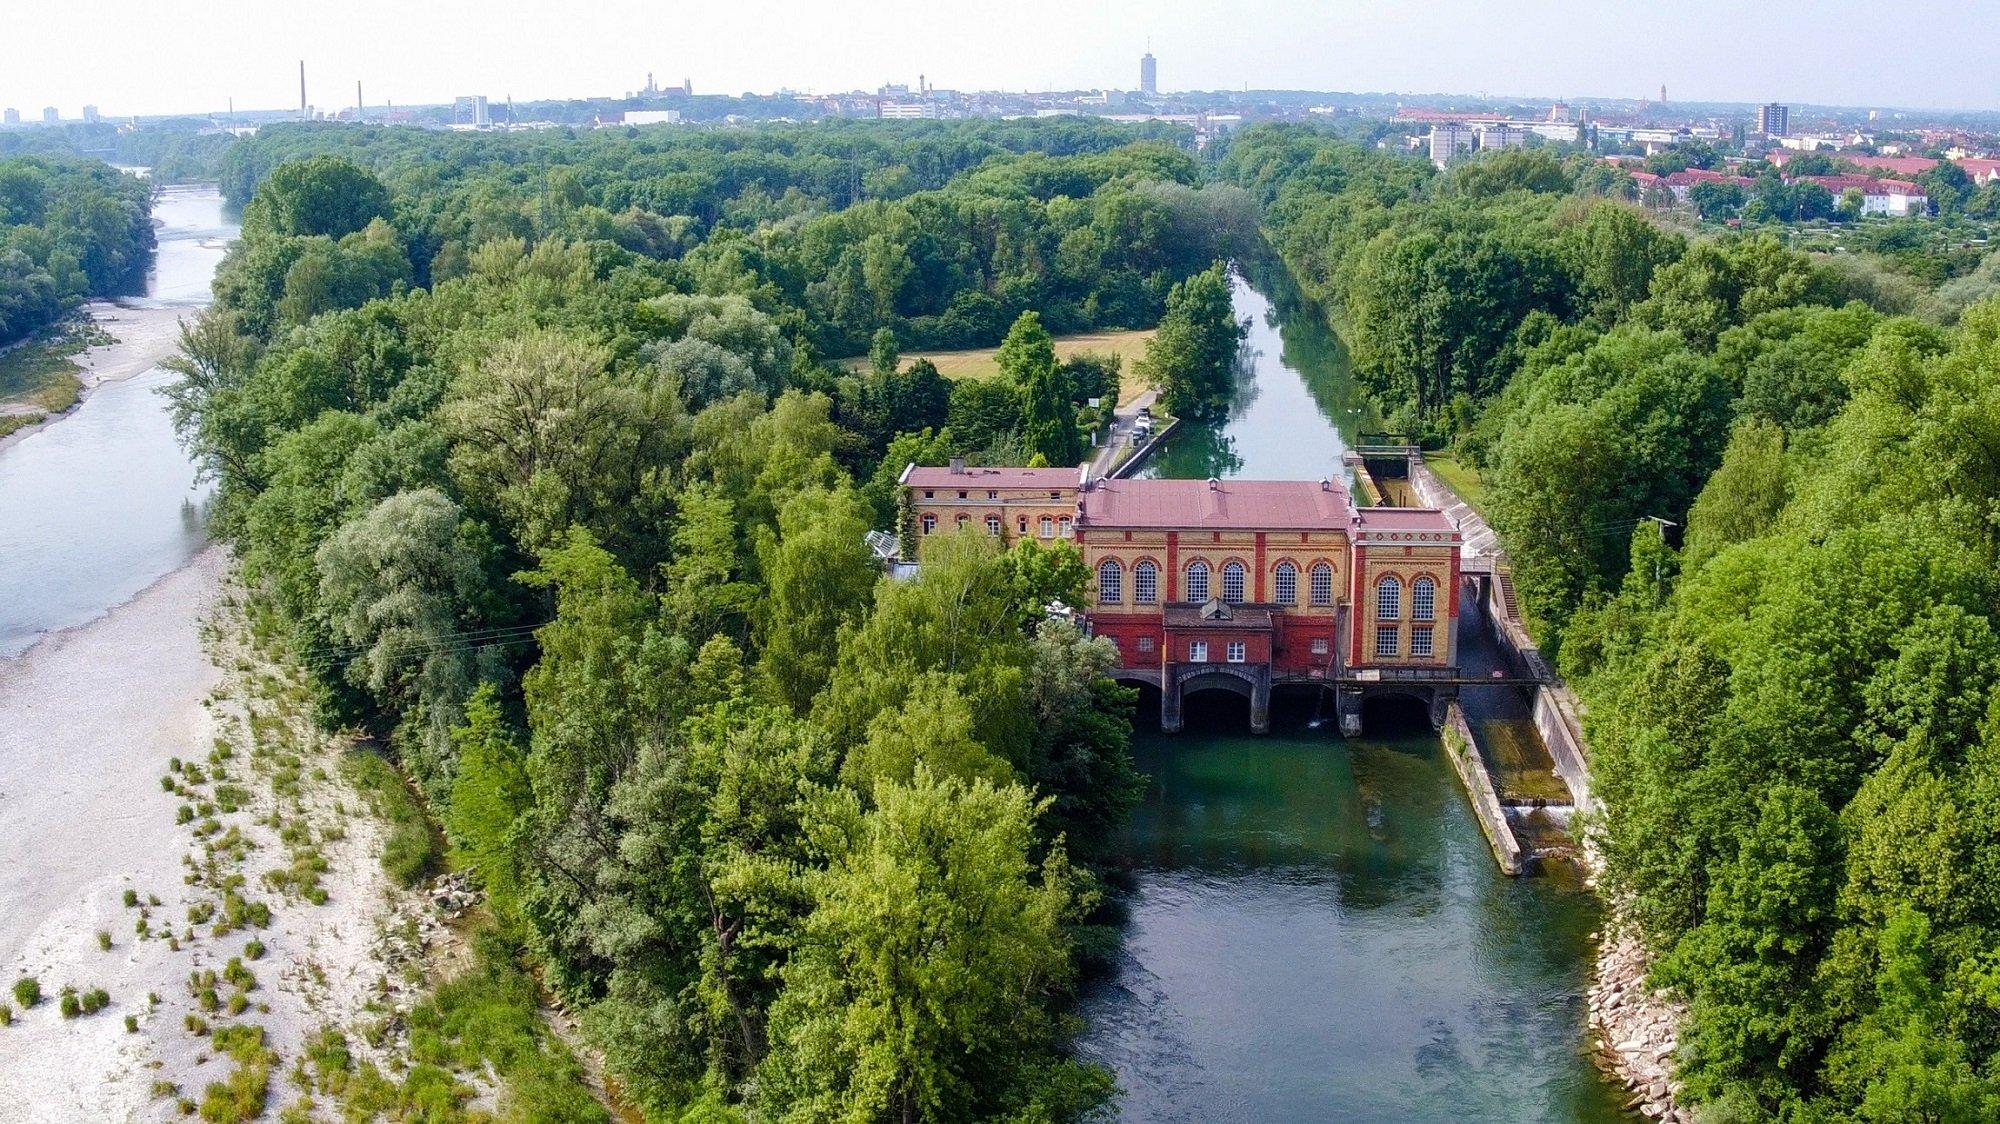 نظام إدارة المياه في أوغسبورغ الألمانية يدرج ضمن قائمة التراث العالمي